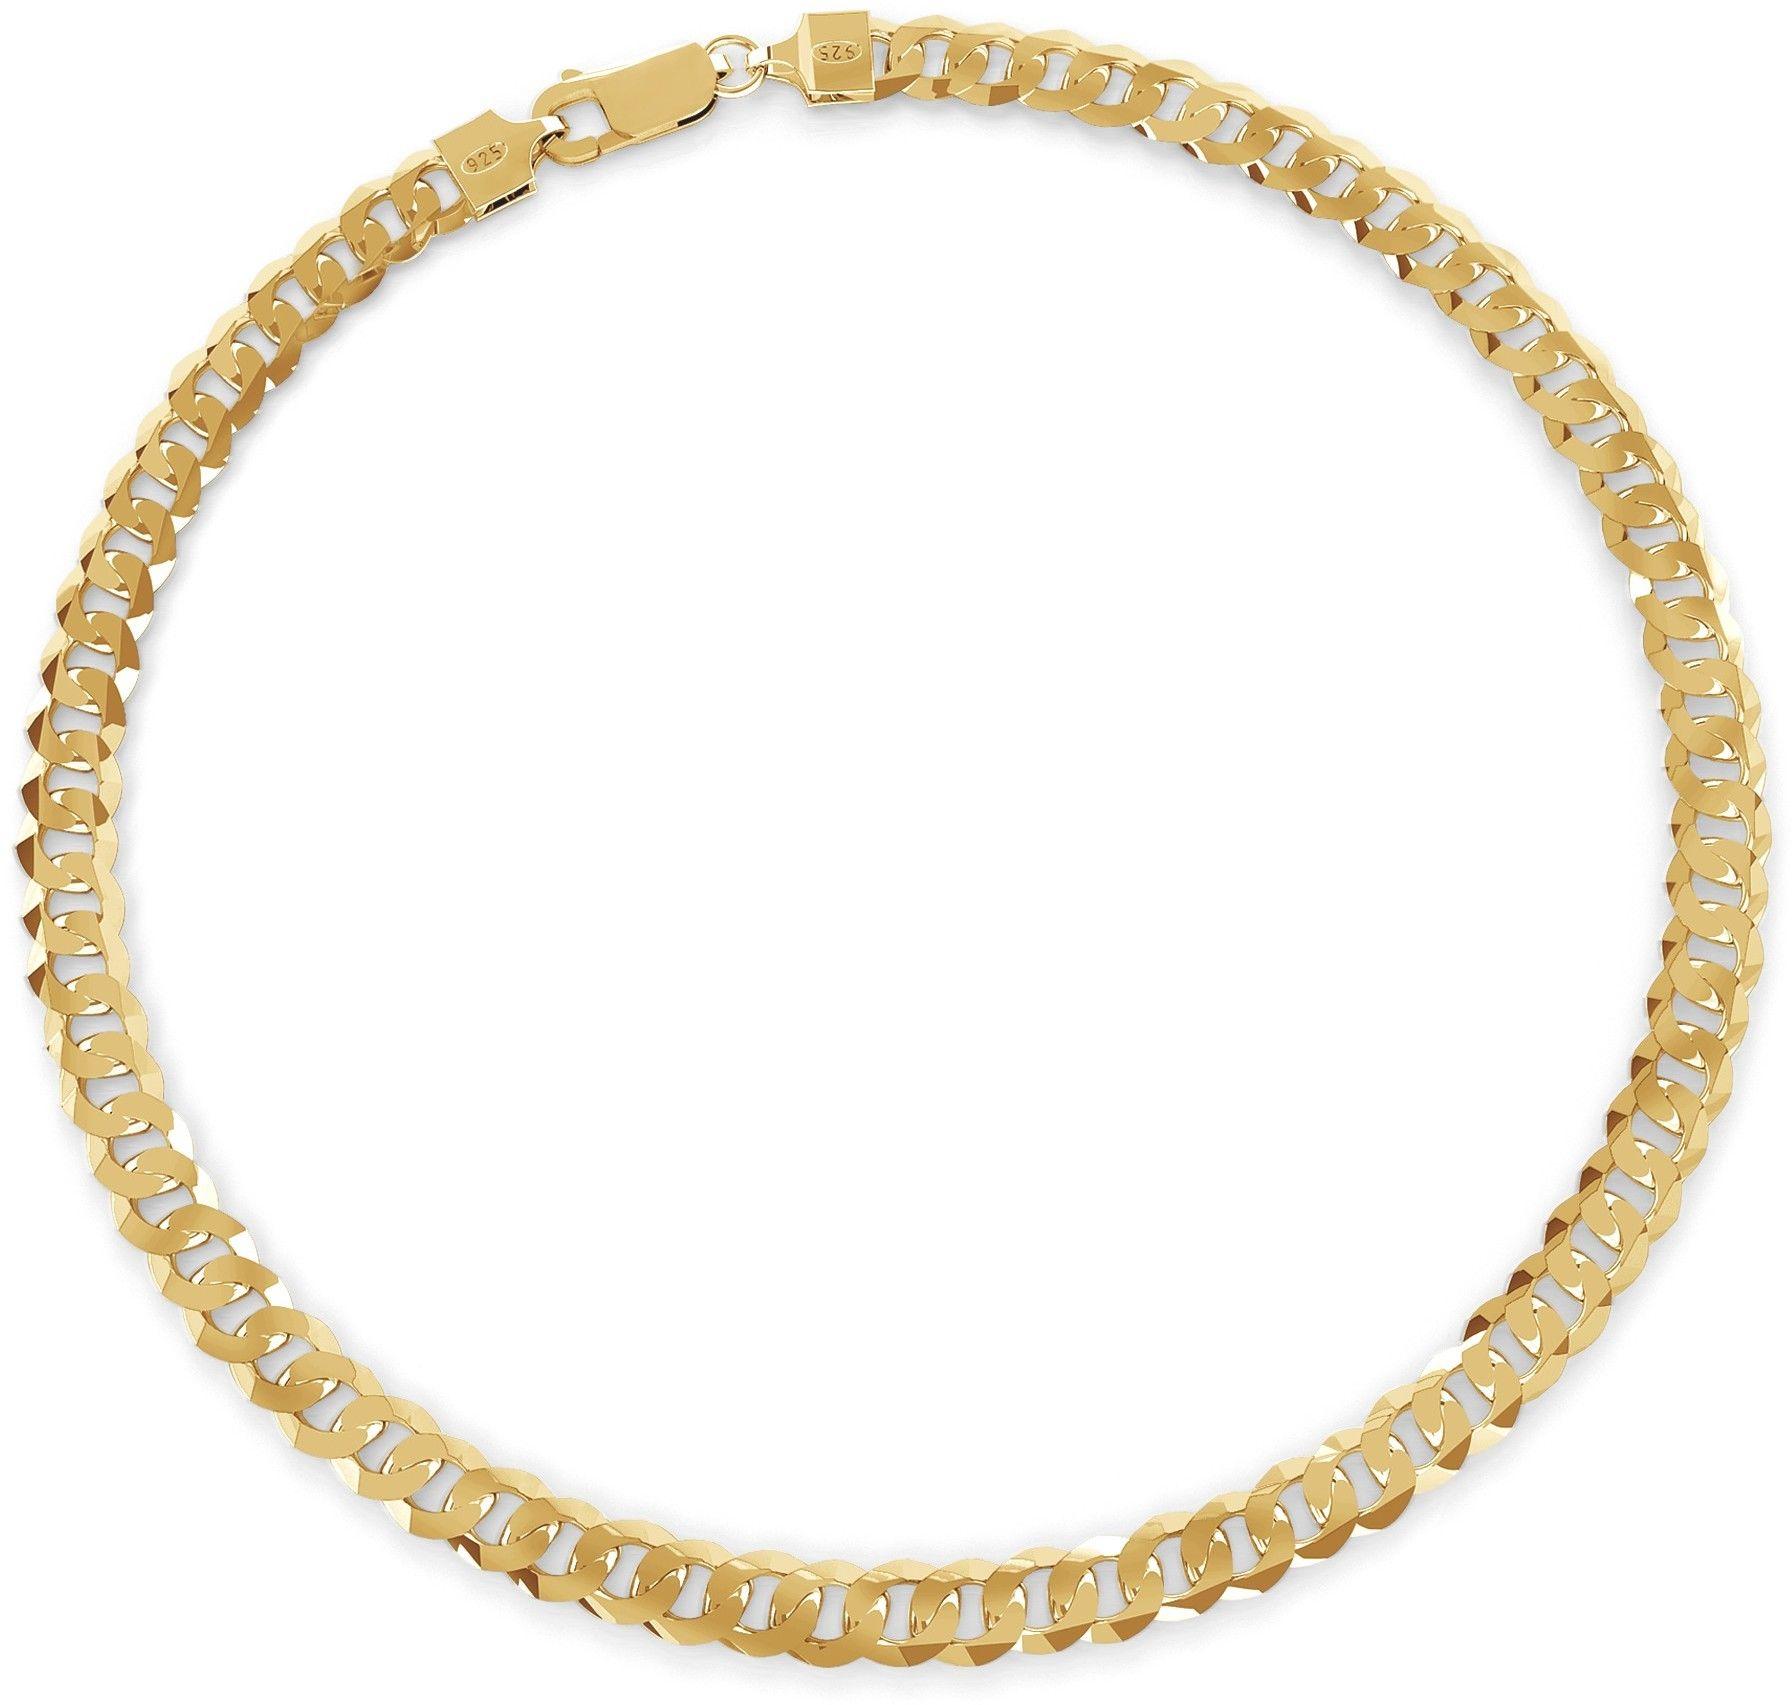 Gruba męska pancerka, grubość 7,4 mm, srebro 925 : Długość (cm) - 50, Kolor pokrycia srebra - Pokrycie żółtym 18K złotem